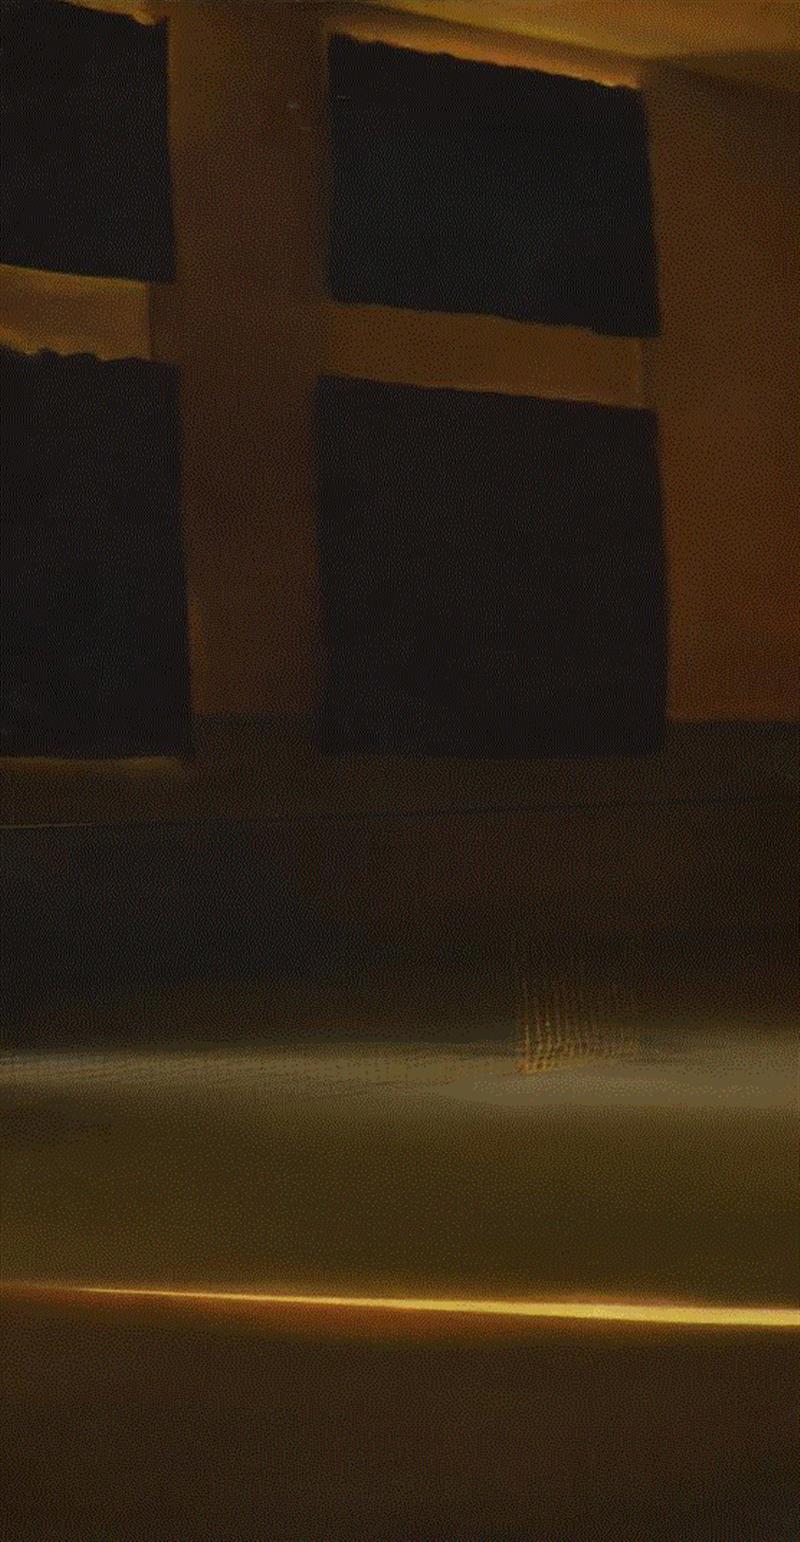 王光乐,《午后之三》,布面油画,170×60cm,2000,论坛回顾   形式与态度:2000年以后的抽象绘画,绘画,现实主义,谢墨凛,仇晓飞,政治,王光乐,电脑,主体性,材料,刘韡